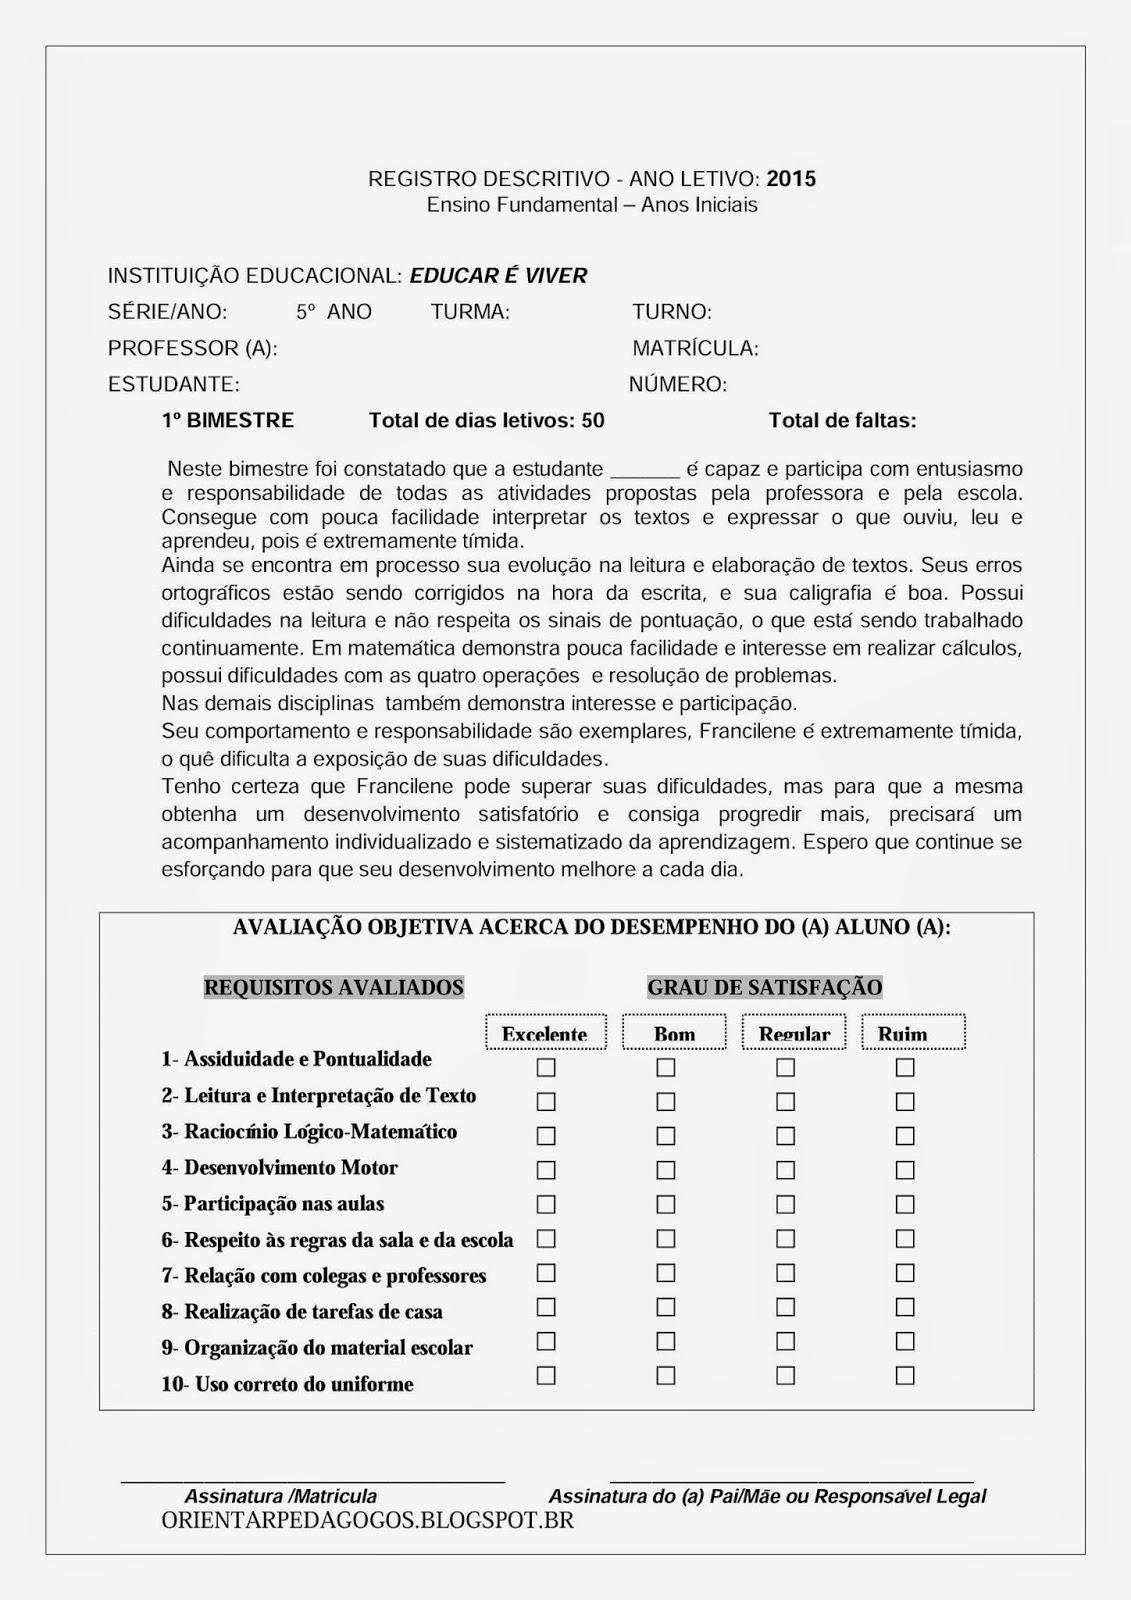 Top CAR É VIVER: Relatório Descritivo 5º ano/ 4ª sérieEDU AE35